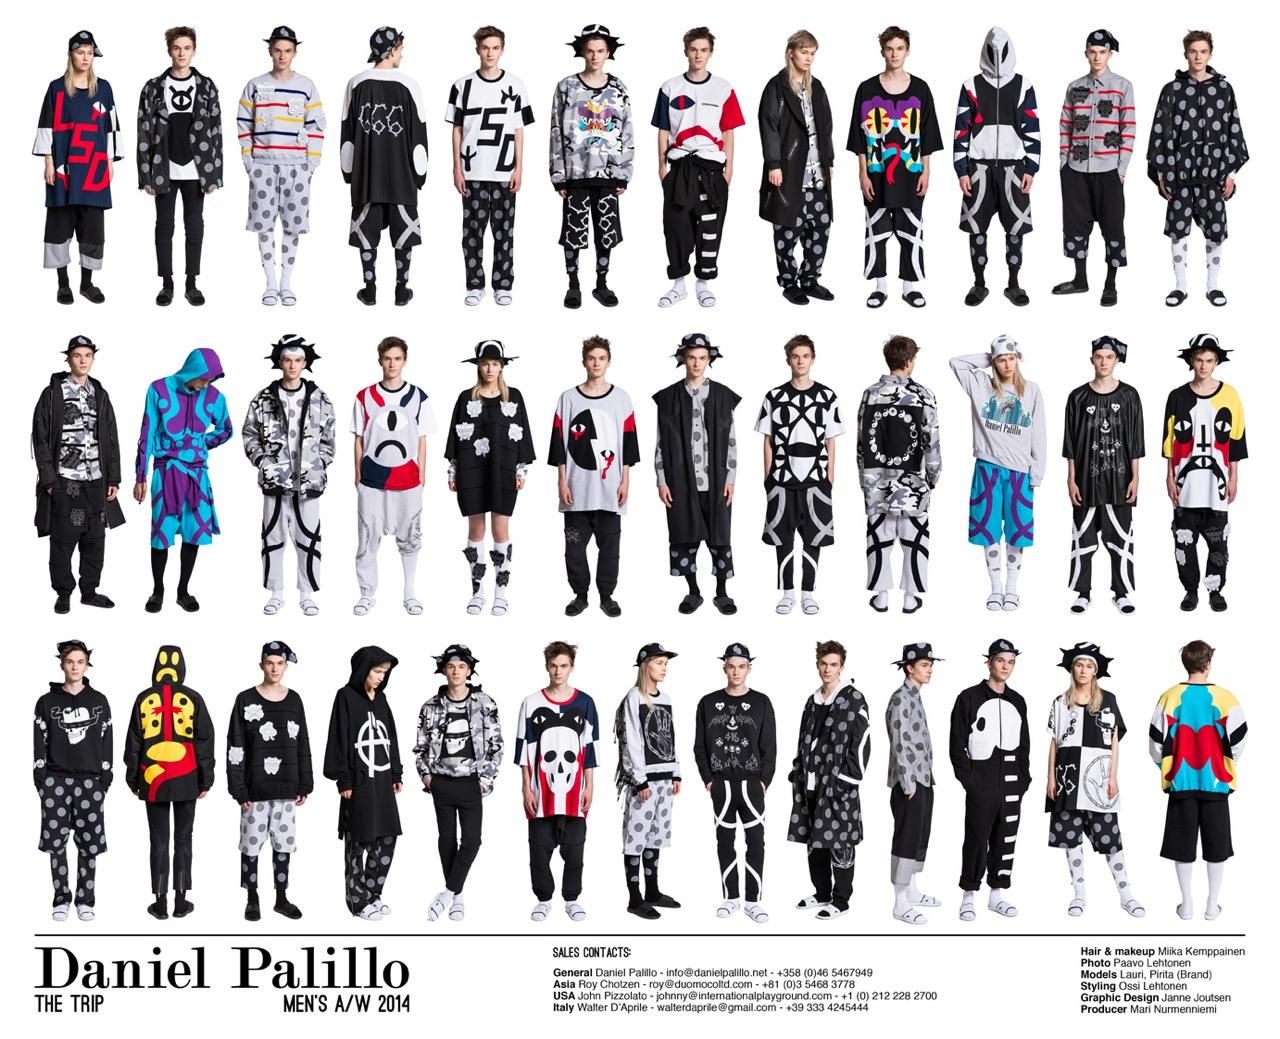 Daniel Palillo The Trip